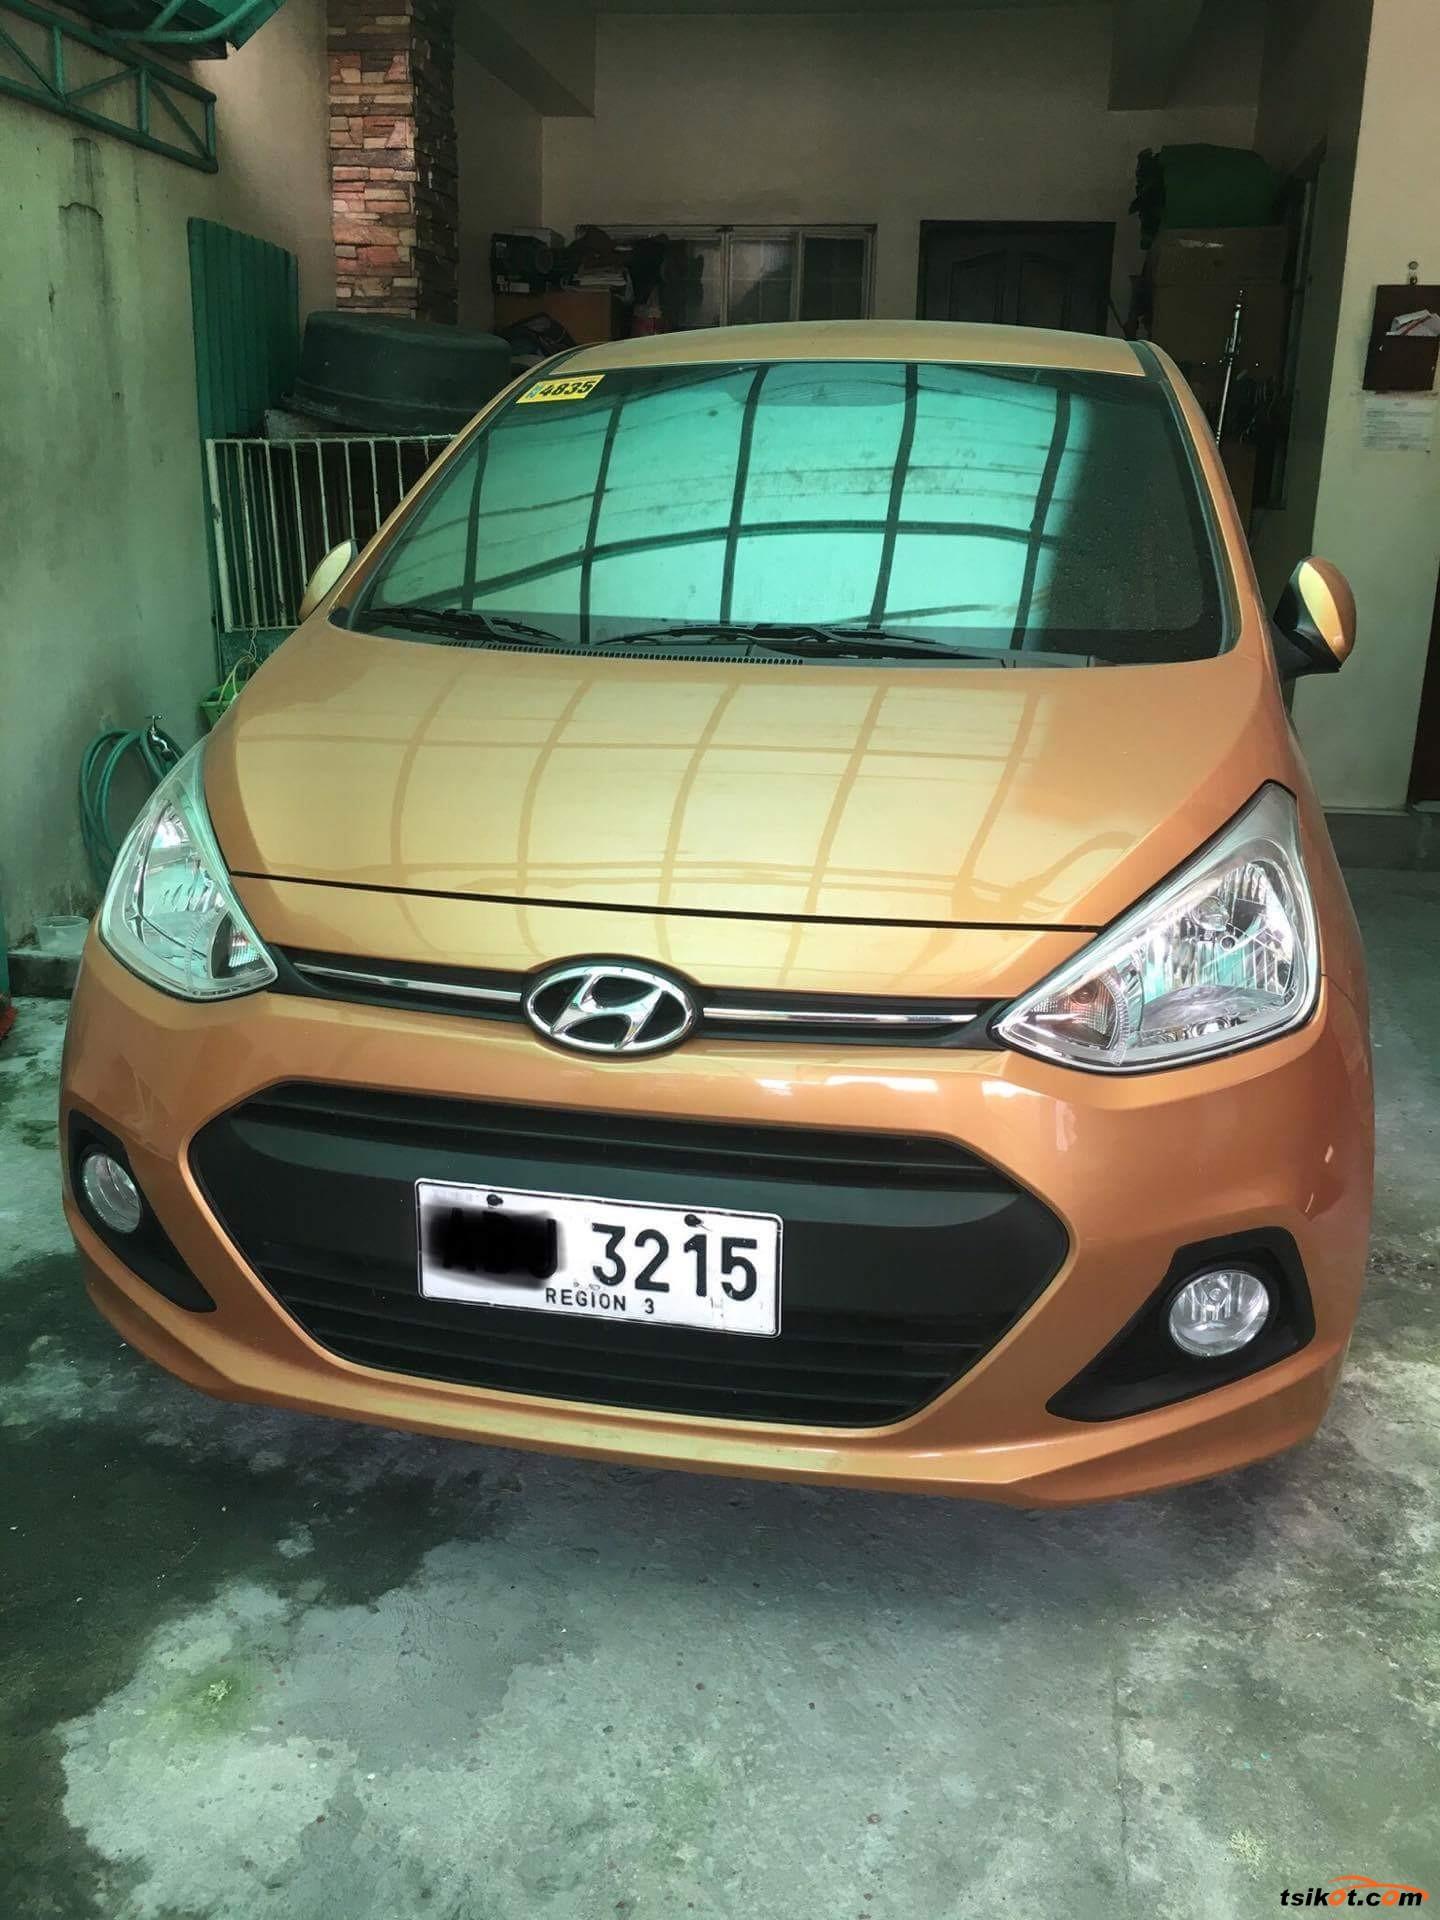 Hyundai I10 2015 - 1